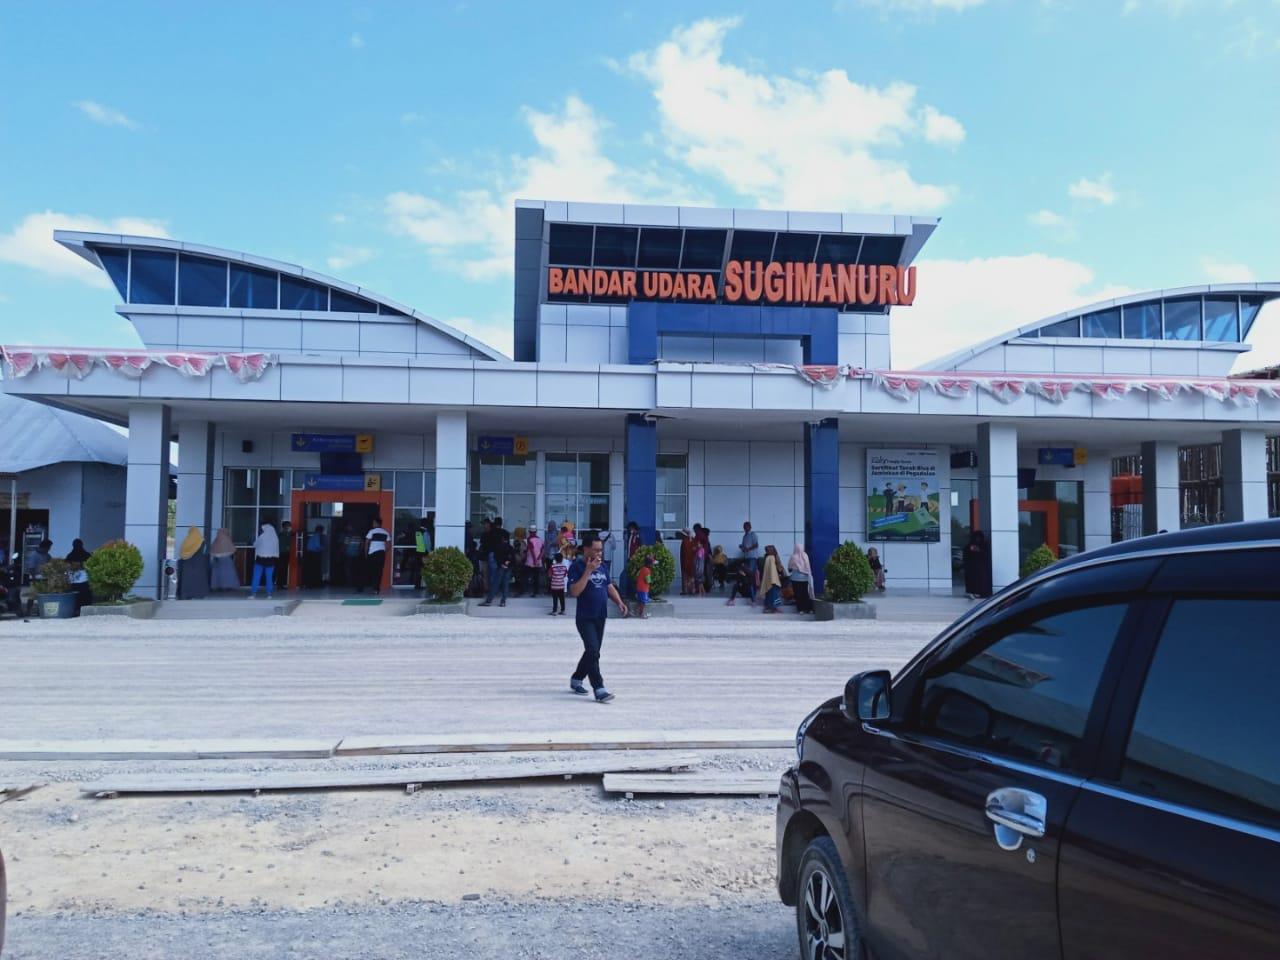 bandar udara sugimanuru